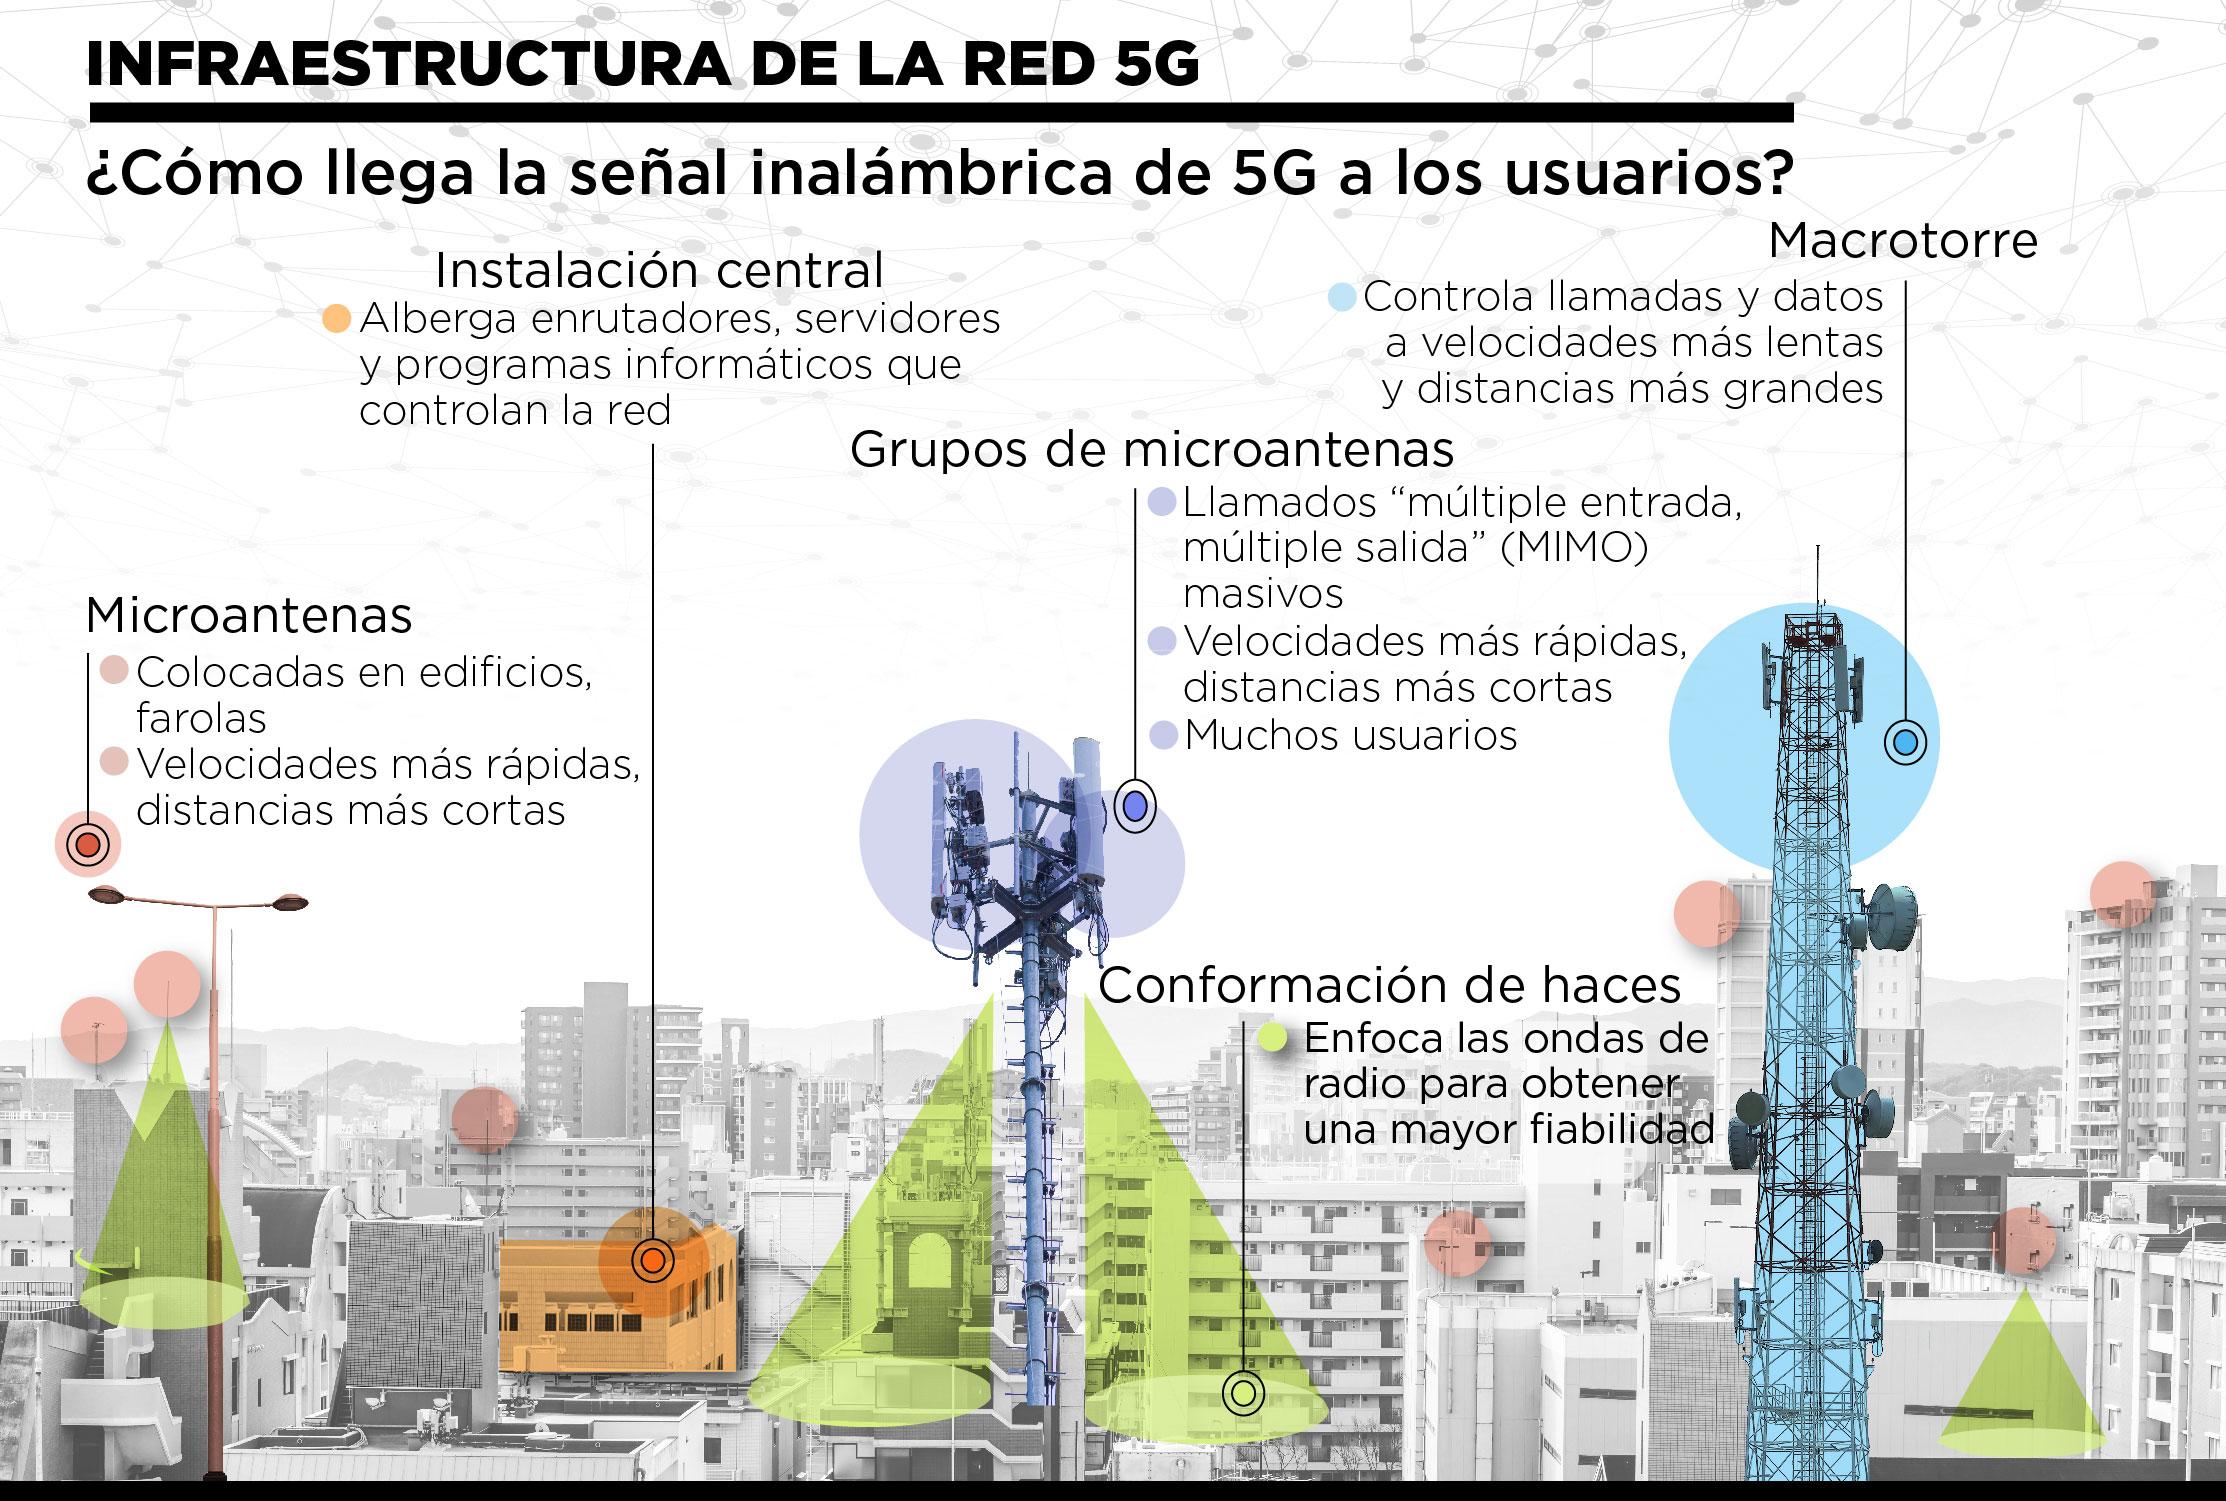 Gráfico que muestra los elementos de una infraestructura de red 5G sobre la imagen de una ciudad inteligente (Depto. de Estado/S. Gemeny Wilkinson)